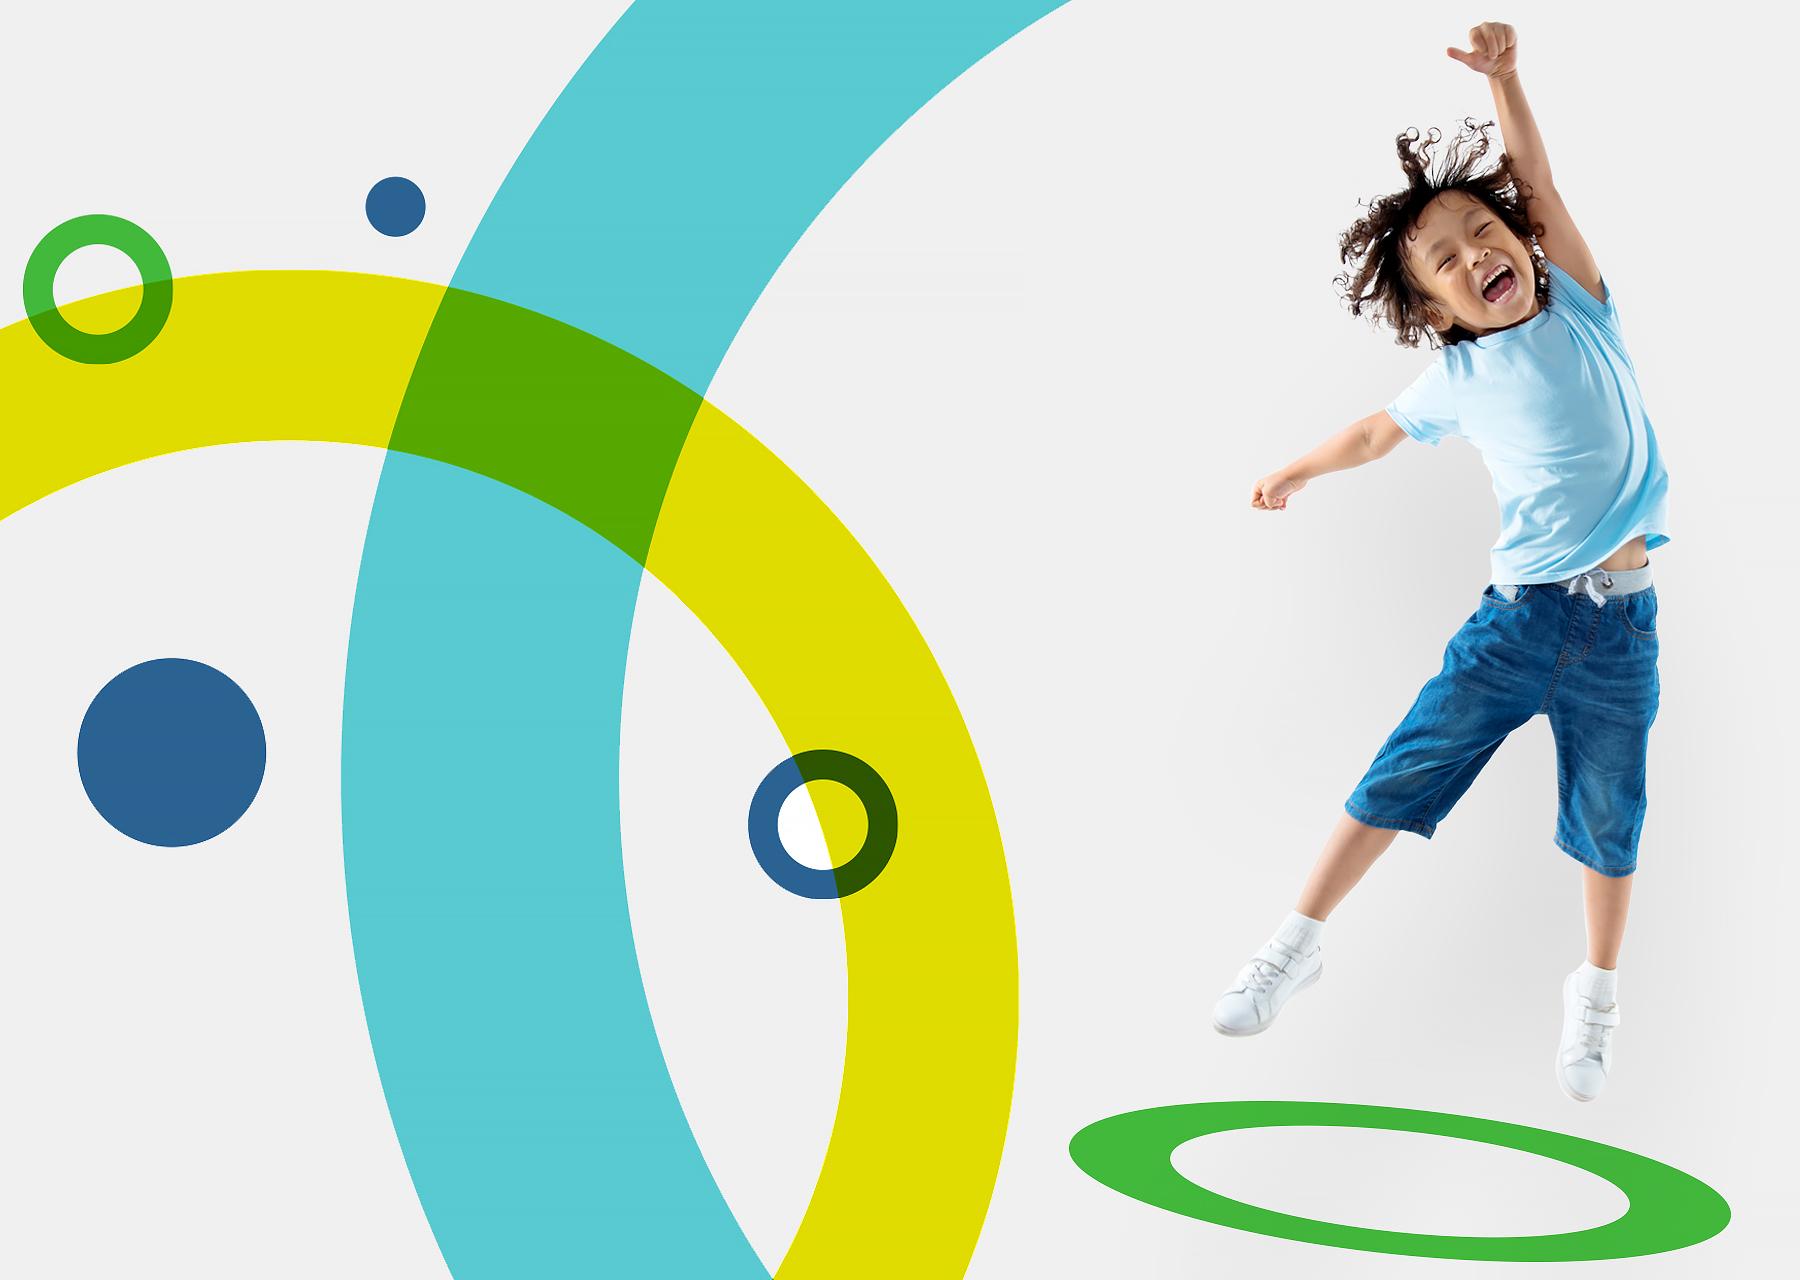 Hero kindercentra huisstijlkleuren en springende jongetje